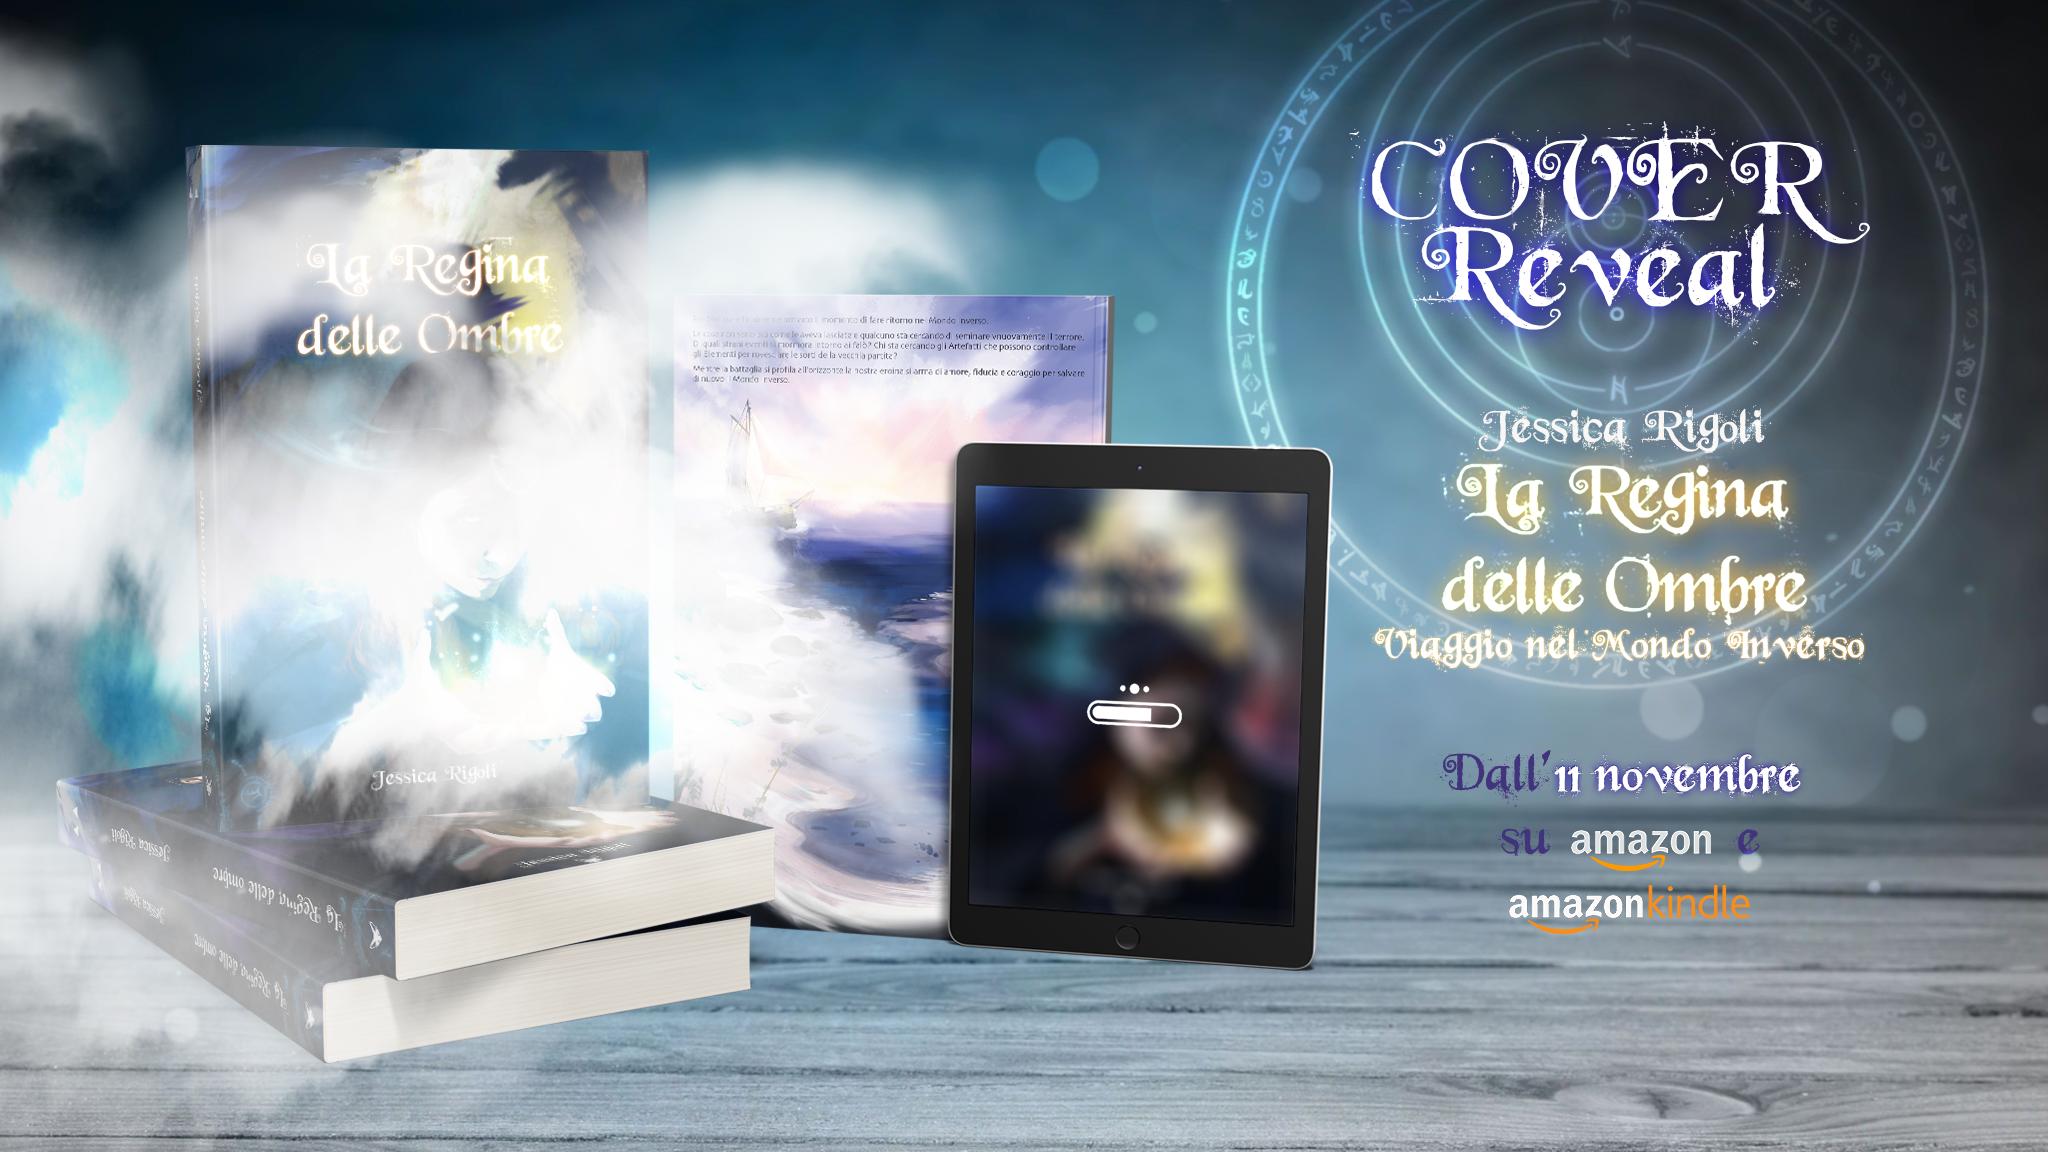 Cover Reveal Jessica Rigoli